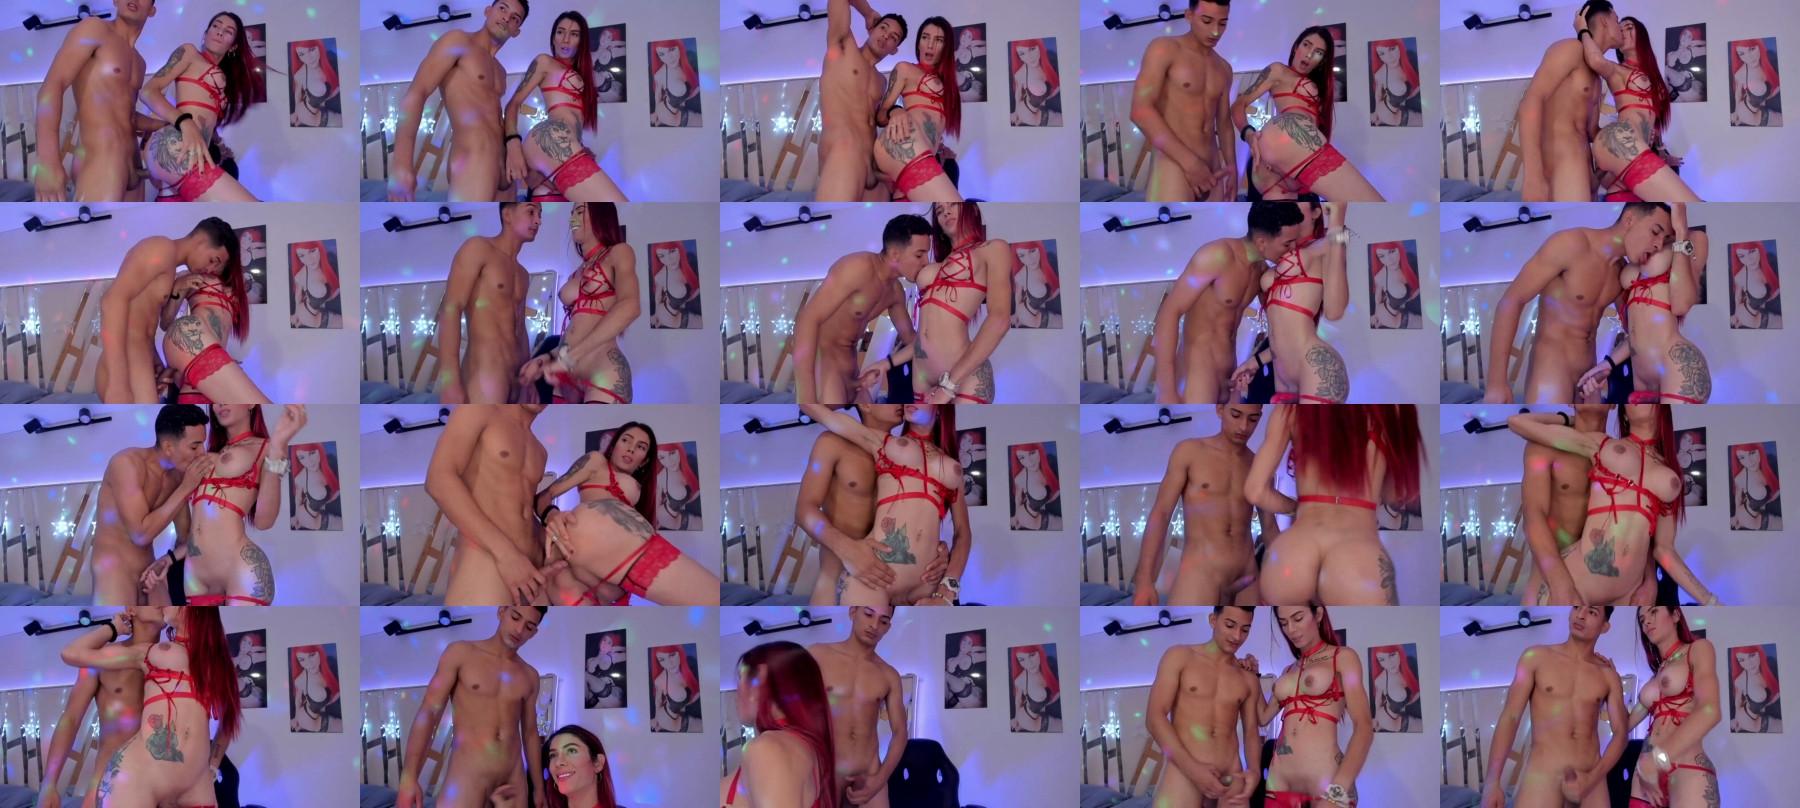 Sado_Soffy_Couple Nude CAM SHOW @ Chaturbate 04-05-2021